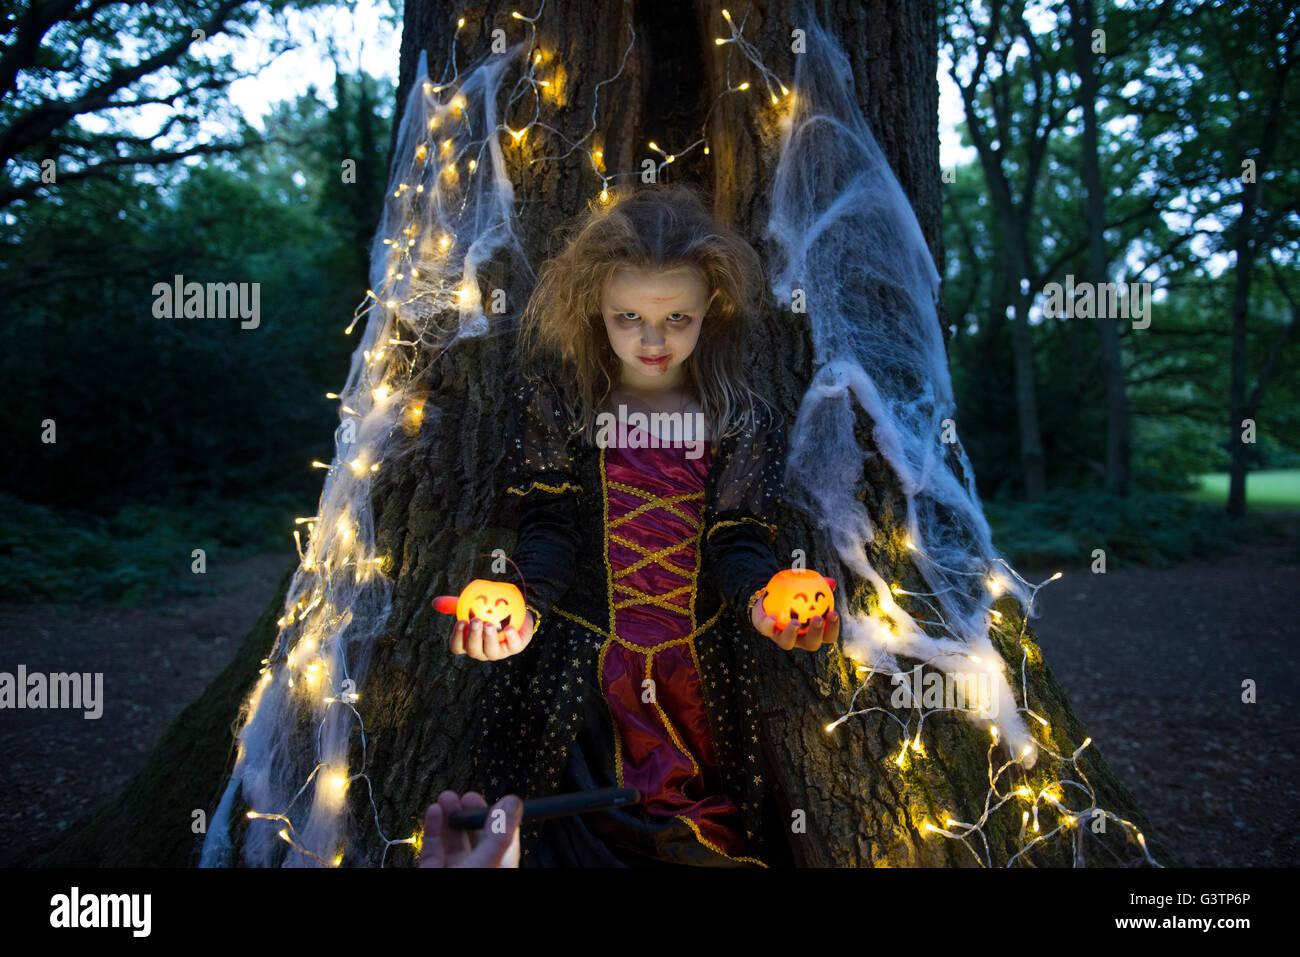 Ein Kind gekleidet im Kostüm für Halloween-Nacht. Stockfoto